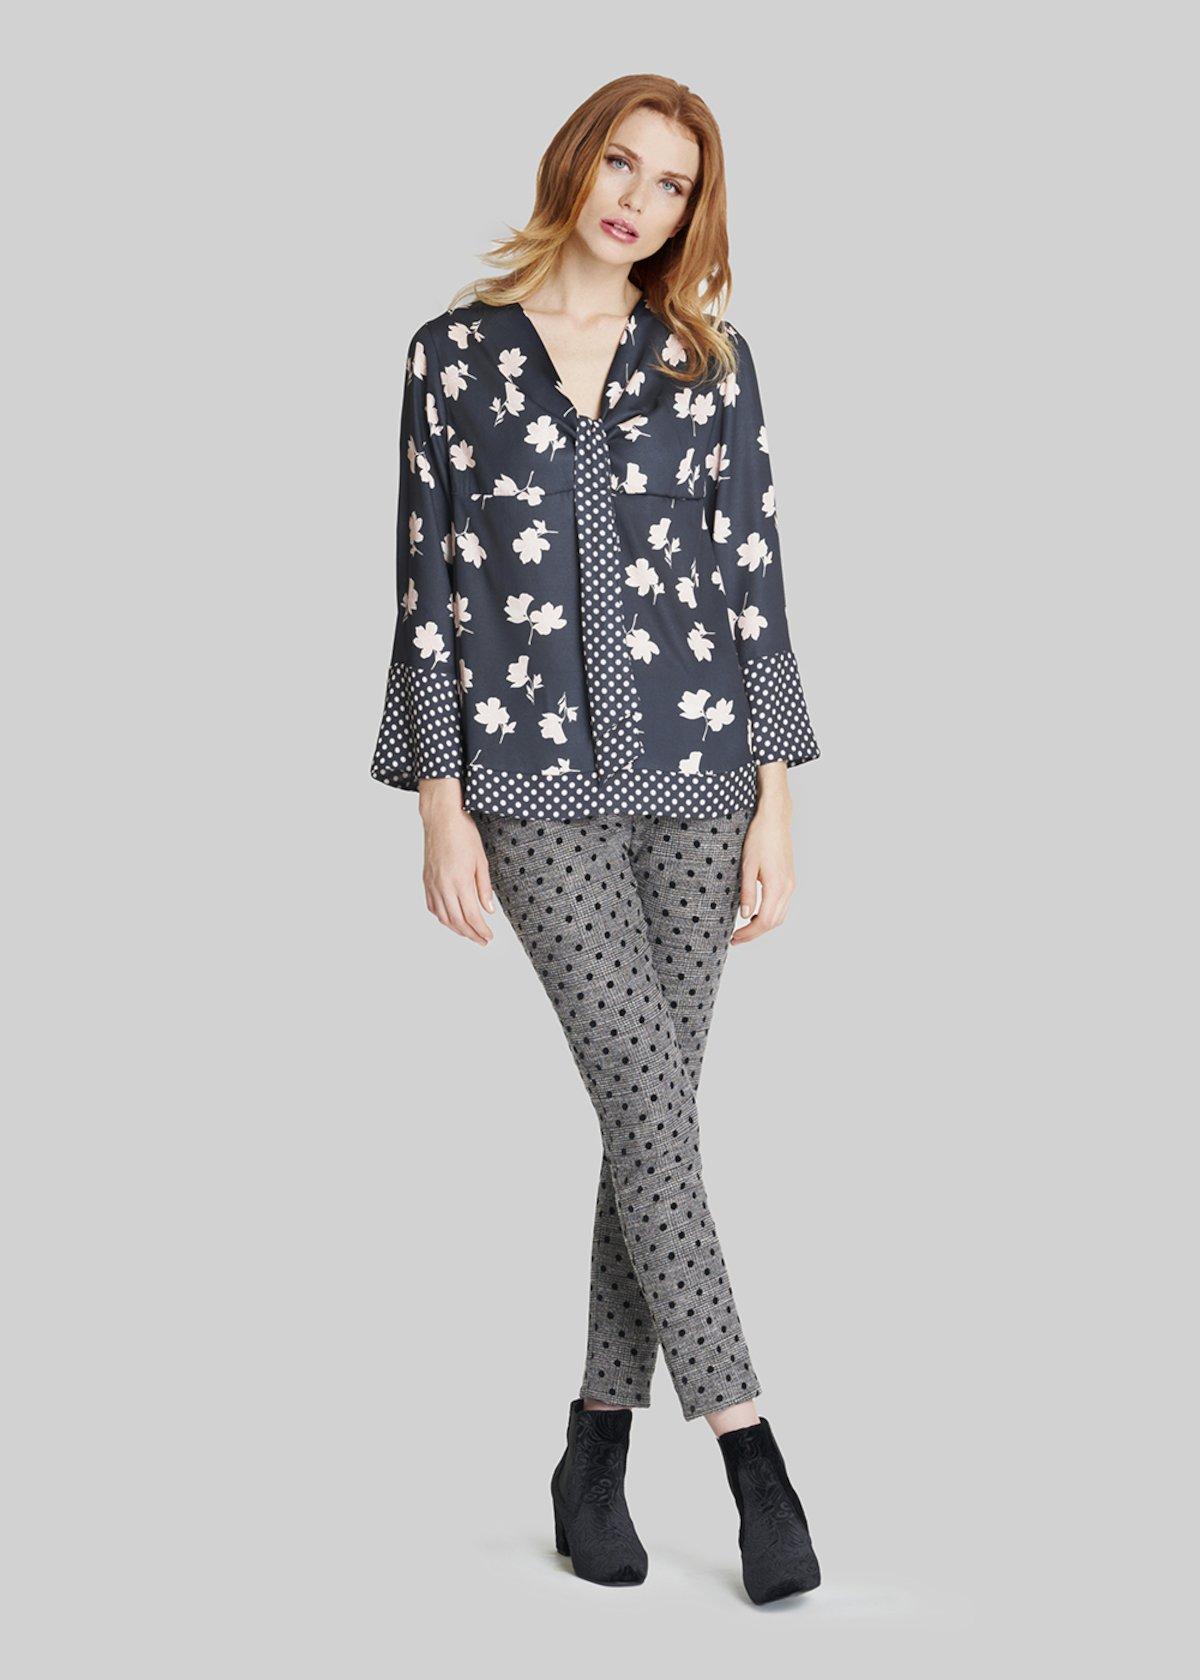 T-shirt Simona dettaglio sciarpina con print in contrasto